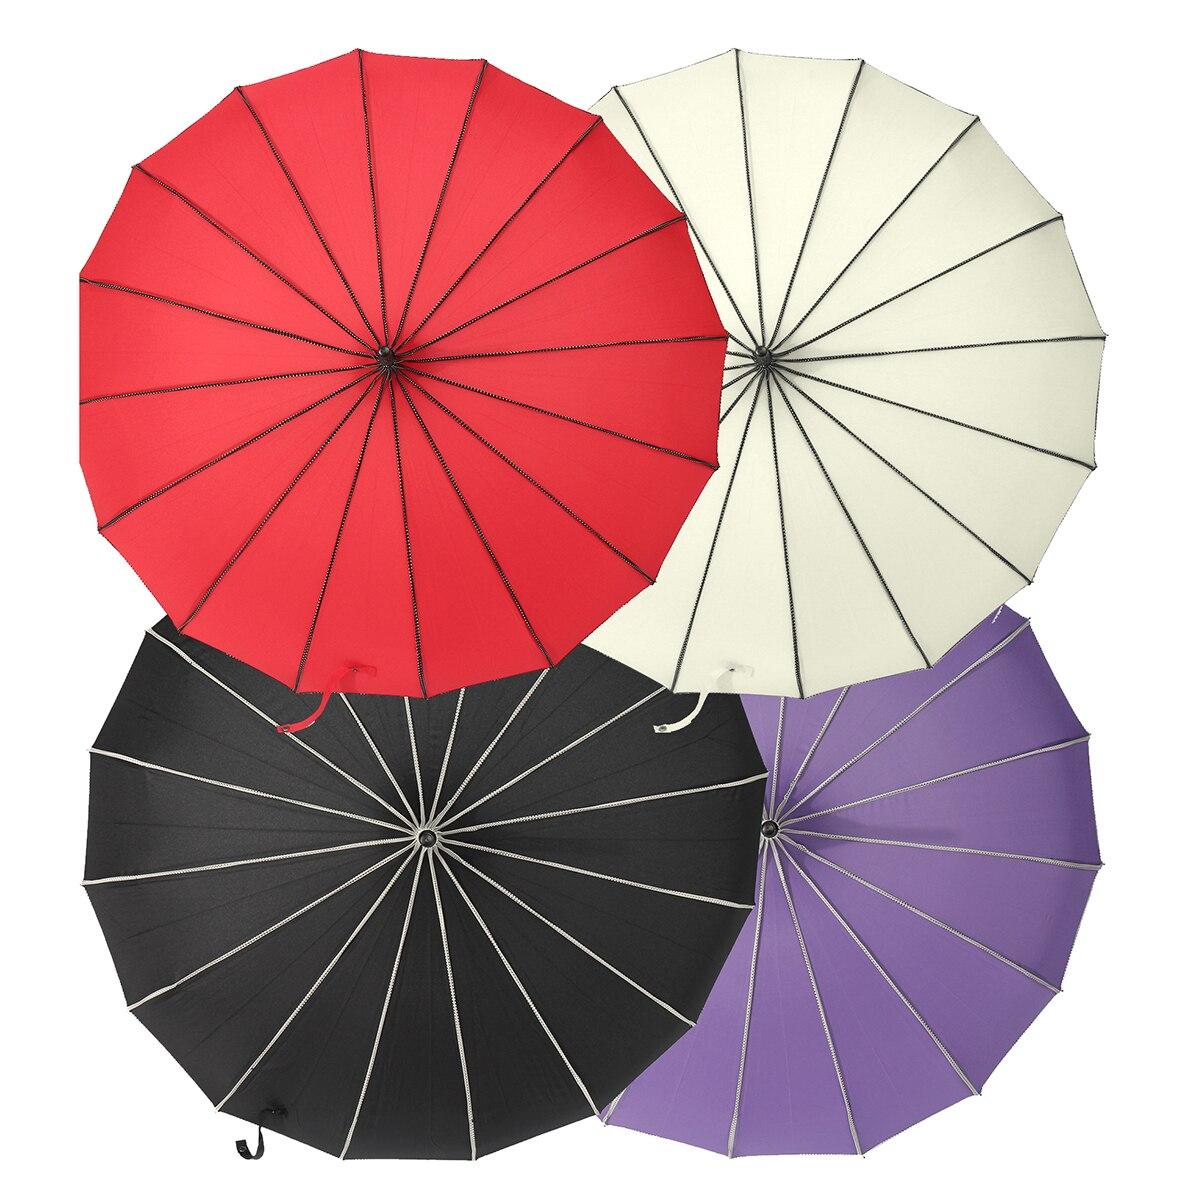 4 colori Vintage Pagoda Ombrellone per la Cerimonia Nuziale Del Partito di Sole Vento Pioggia UV Pioggia Resistente Ombrello Parasole di Cerimonia Nuziale Della Sposa